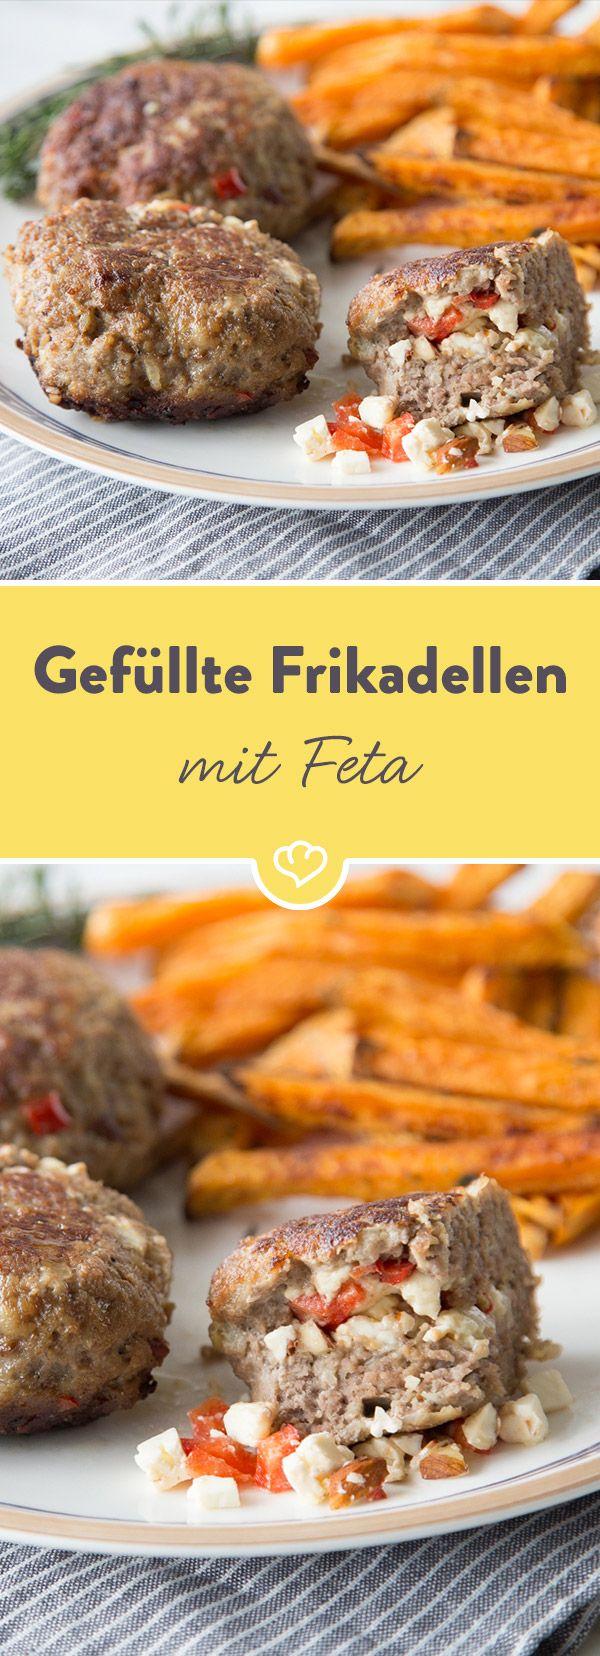 Diese Frikadelle birgt ein kleines, würziges Geheimnis: Eine würzige Feta-Paprika-Füllung. Dazu schmecken Süßkartoffelpommes gleich doppelt so gut.